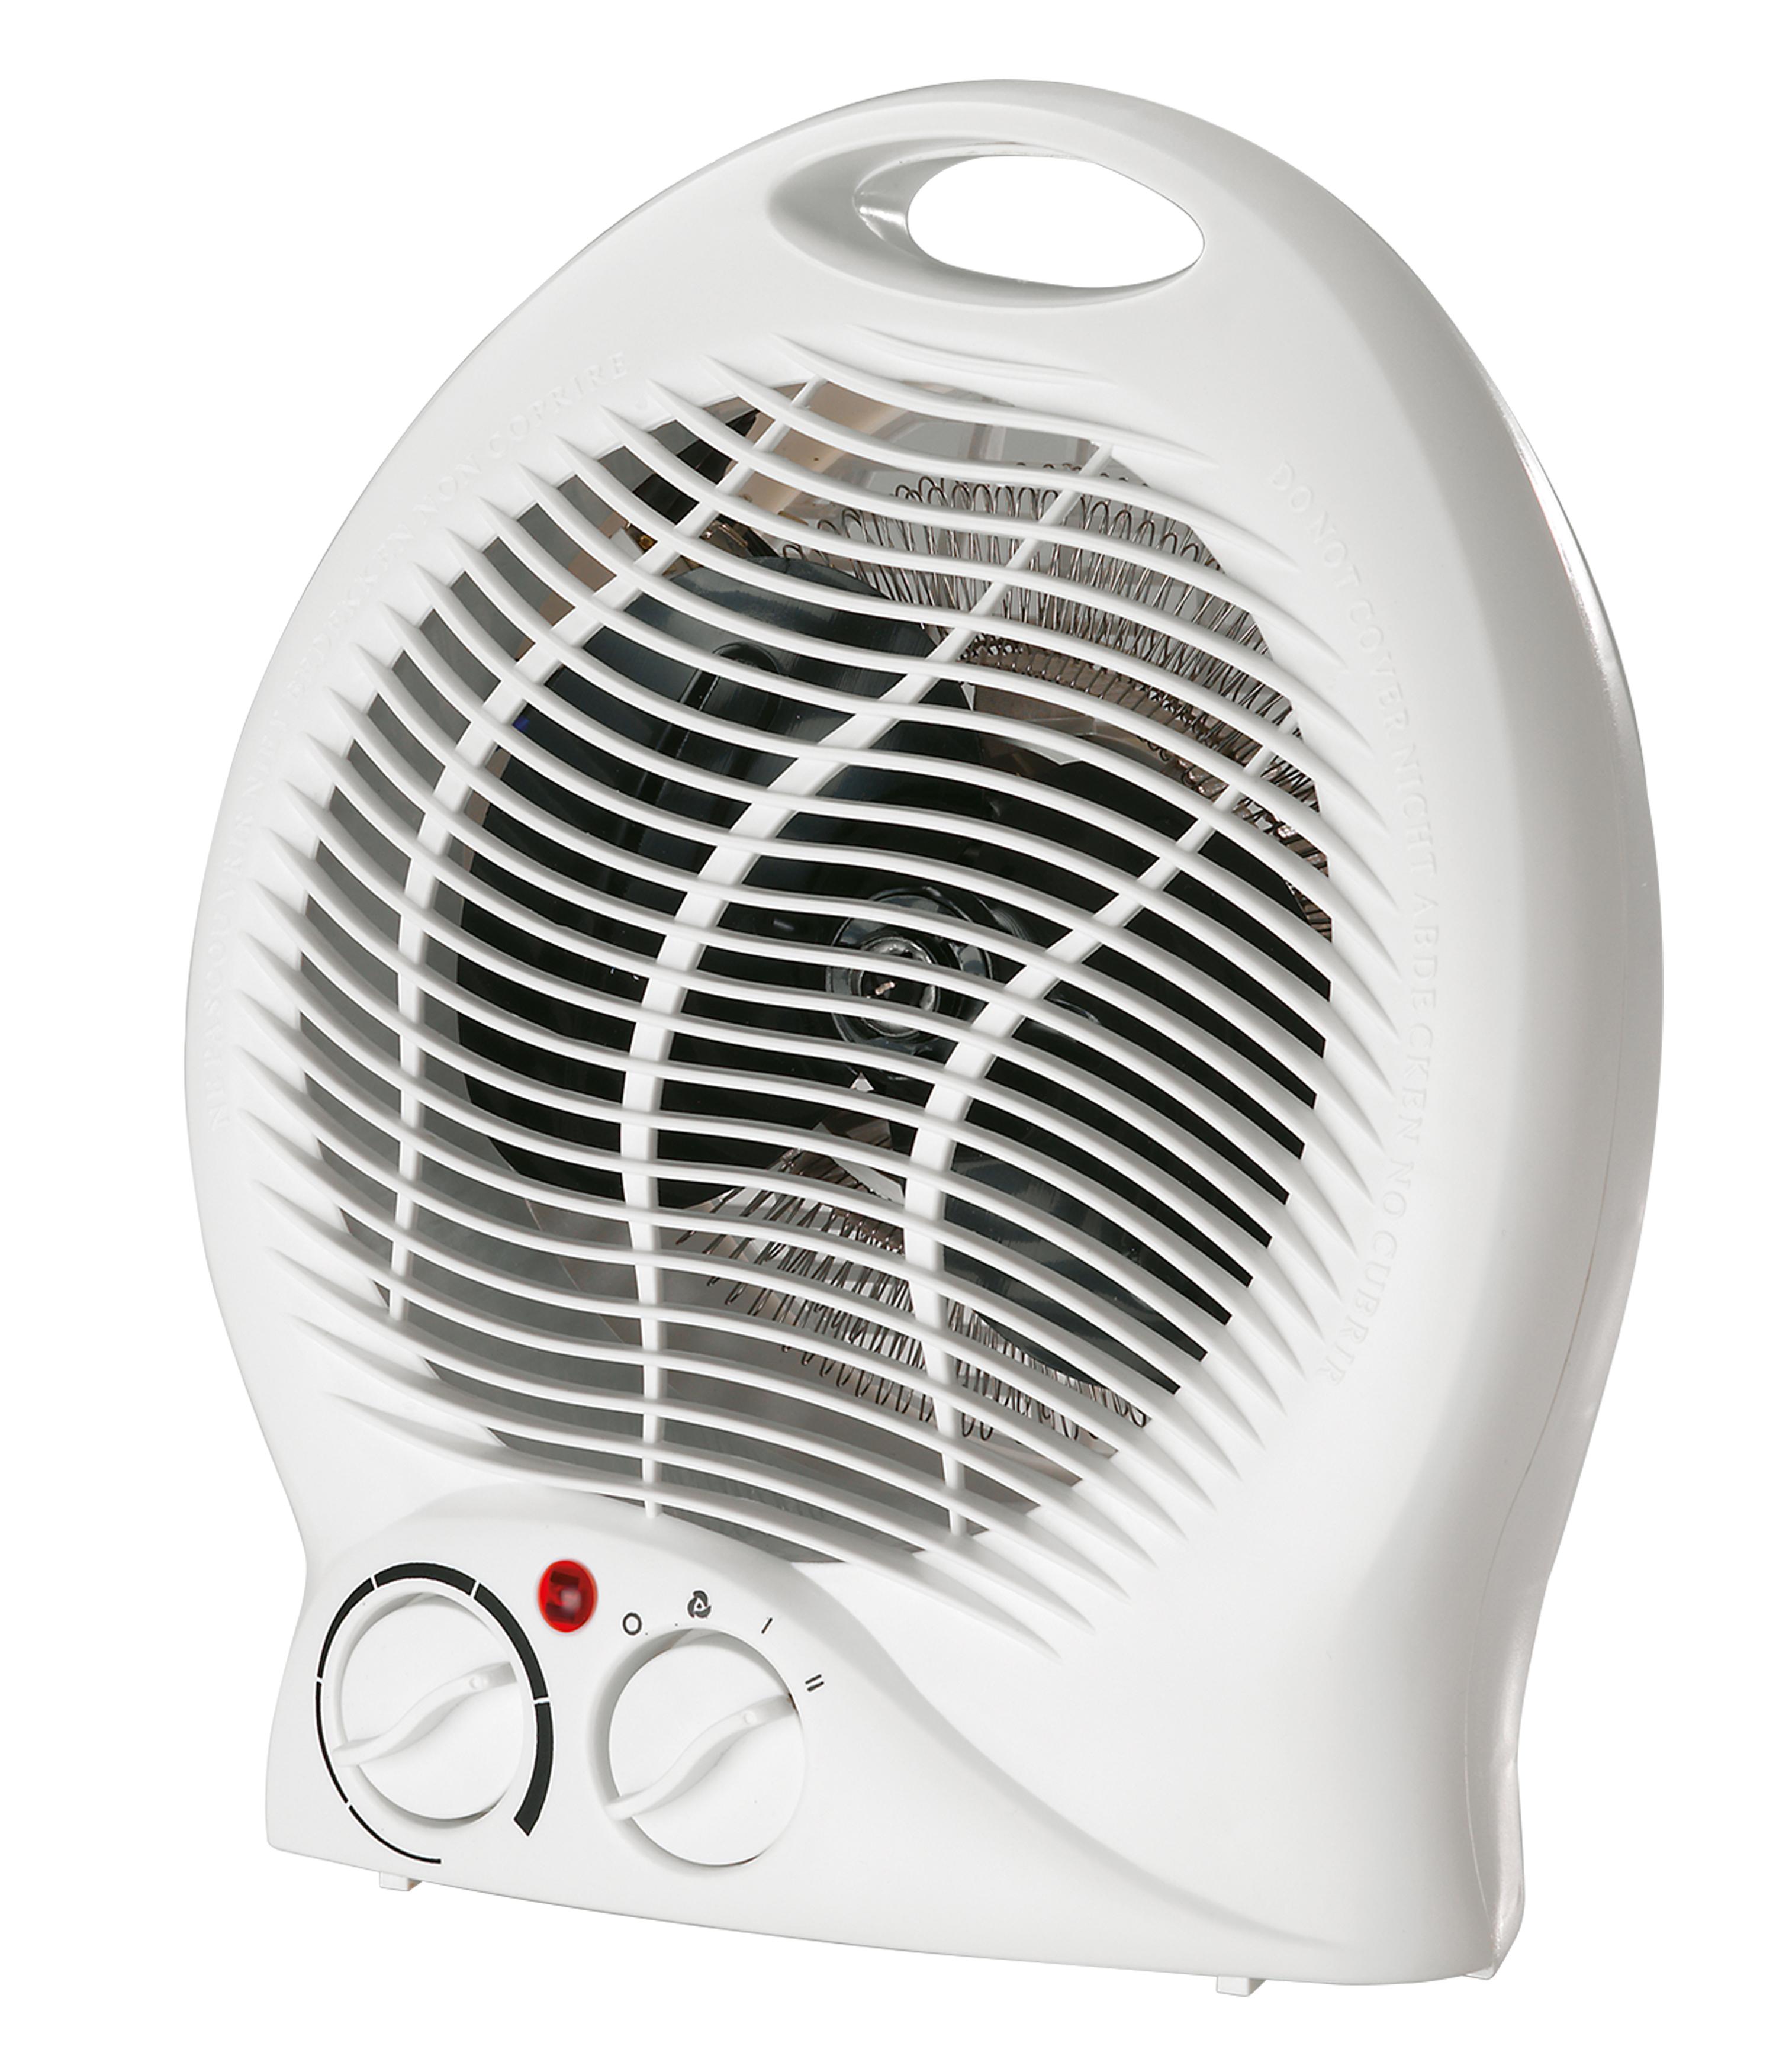 fan heater. beldray upright fan heater and cooler b